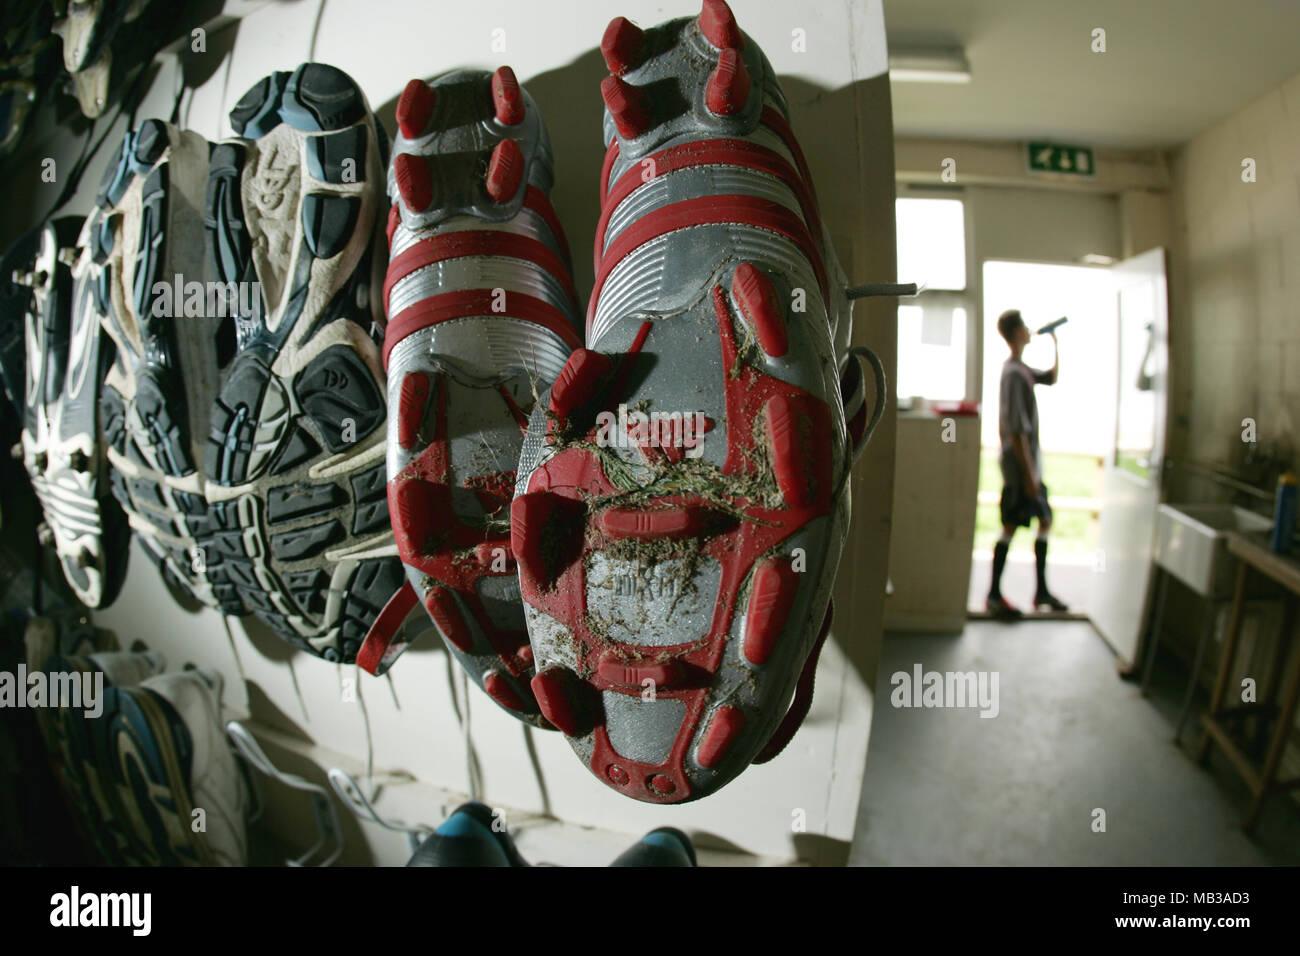 Rosso e argento Adidas scarpe da calcio che mostra disegno